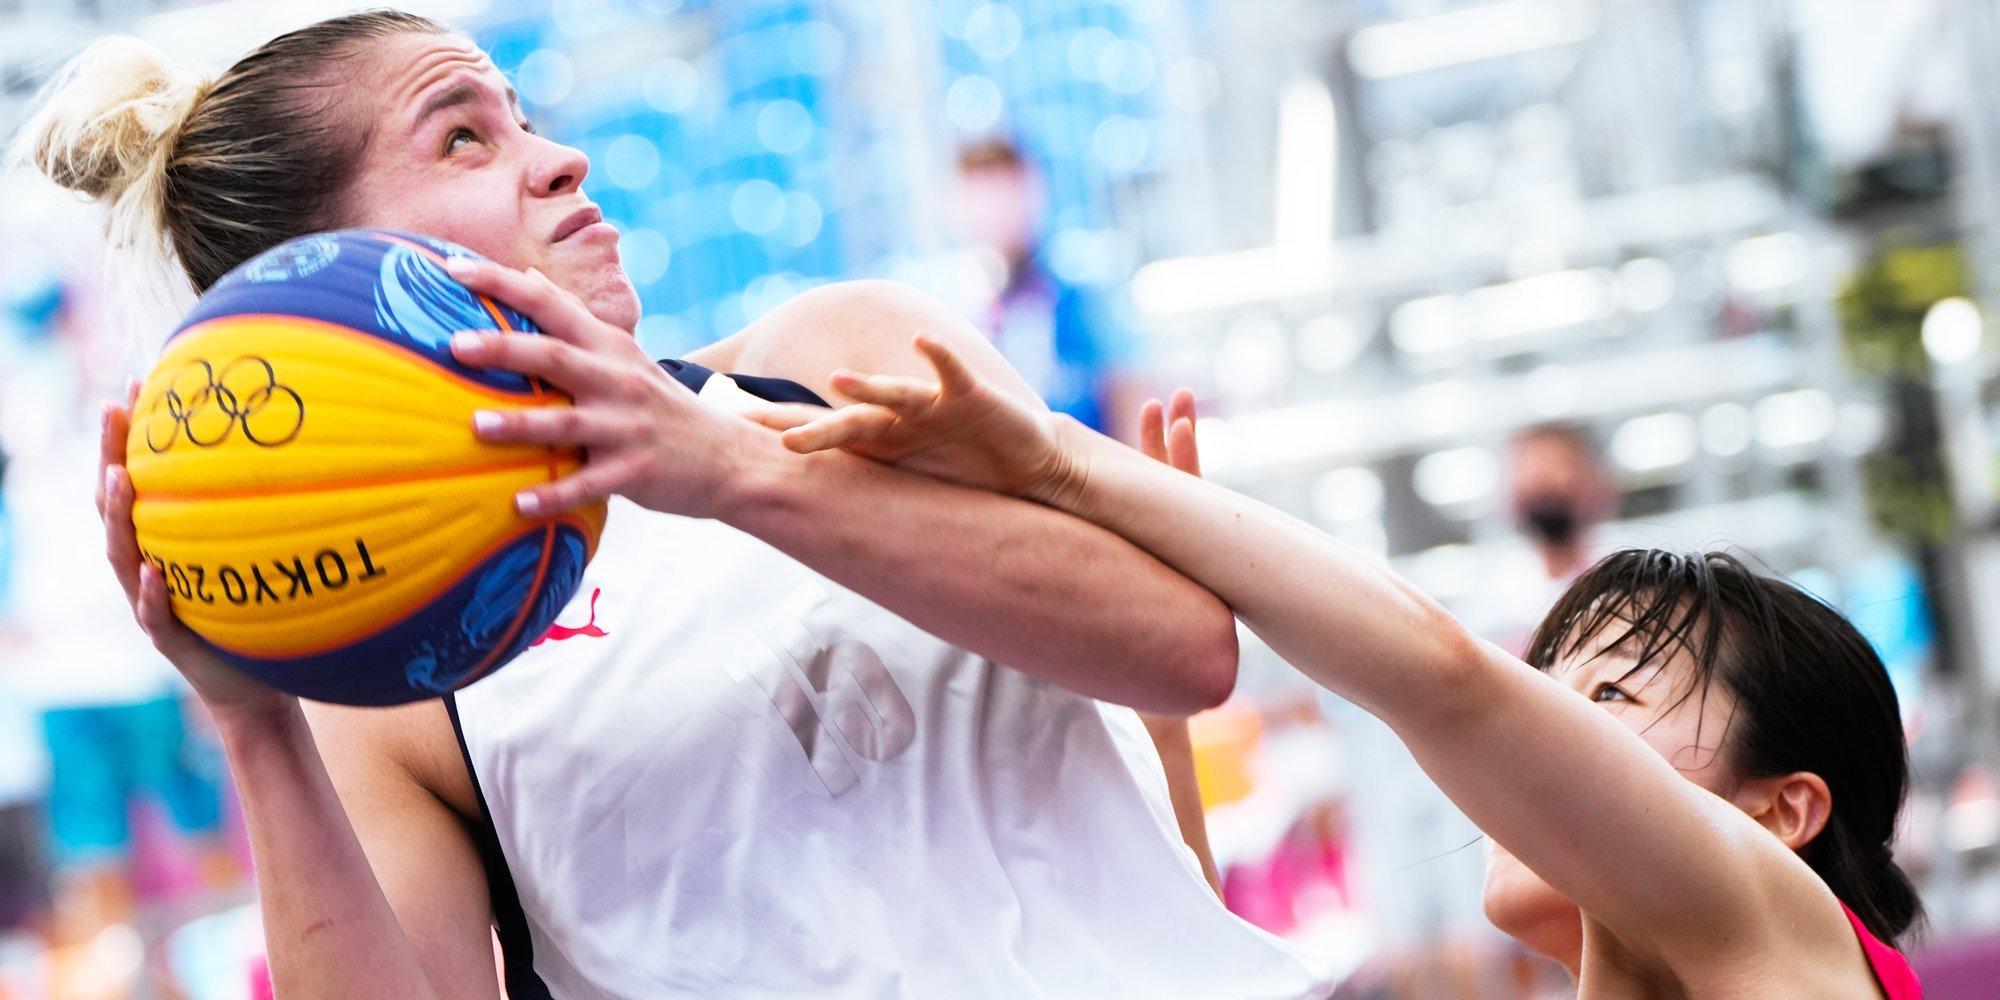 Ольга Фролкина — о выходе обеих сборных в финал Олимпиады: «Я в восторге! А в мальчиках мы не сомневались, они молодцы»